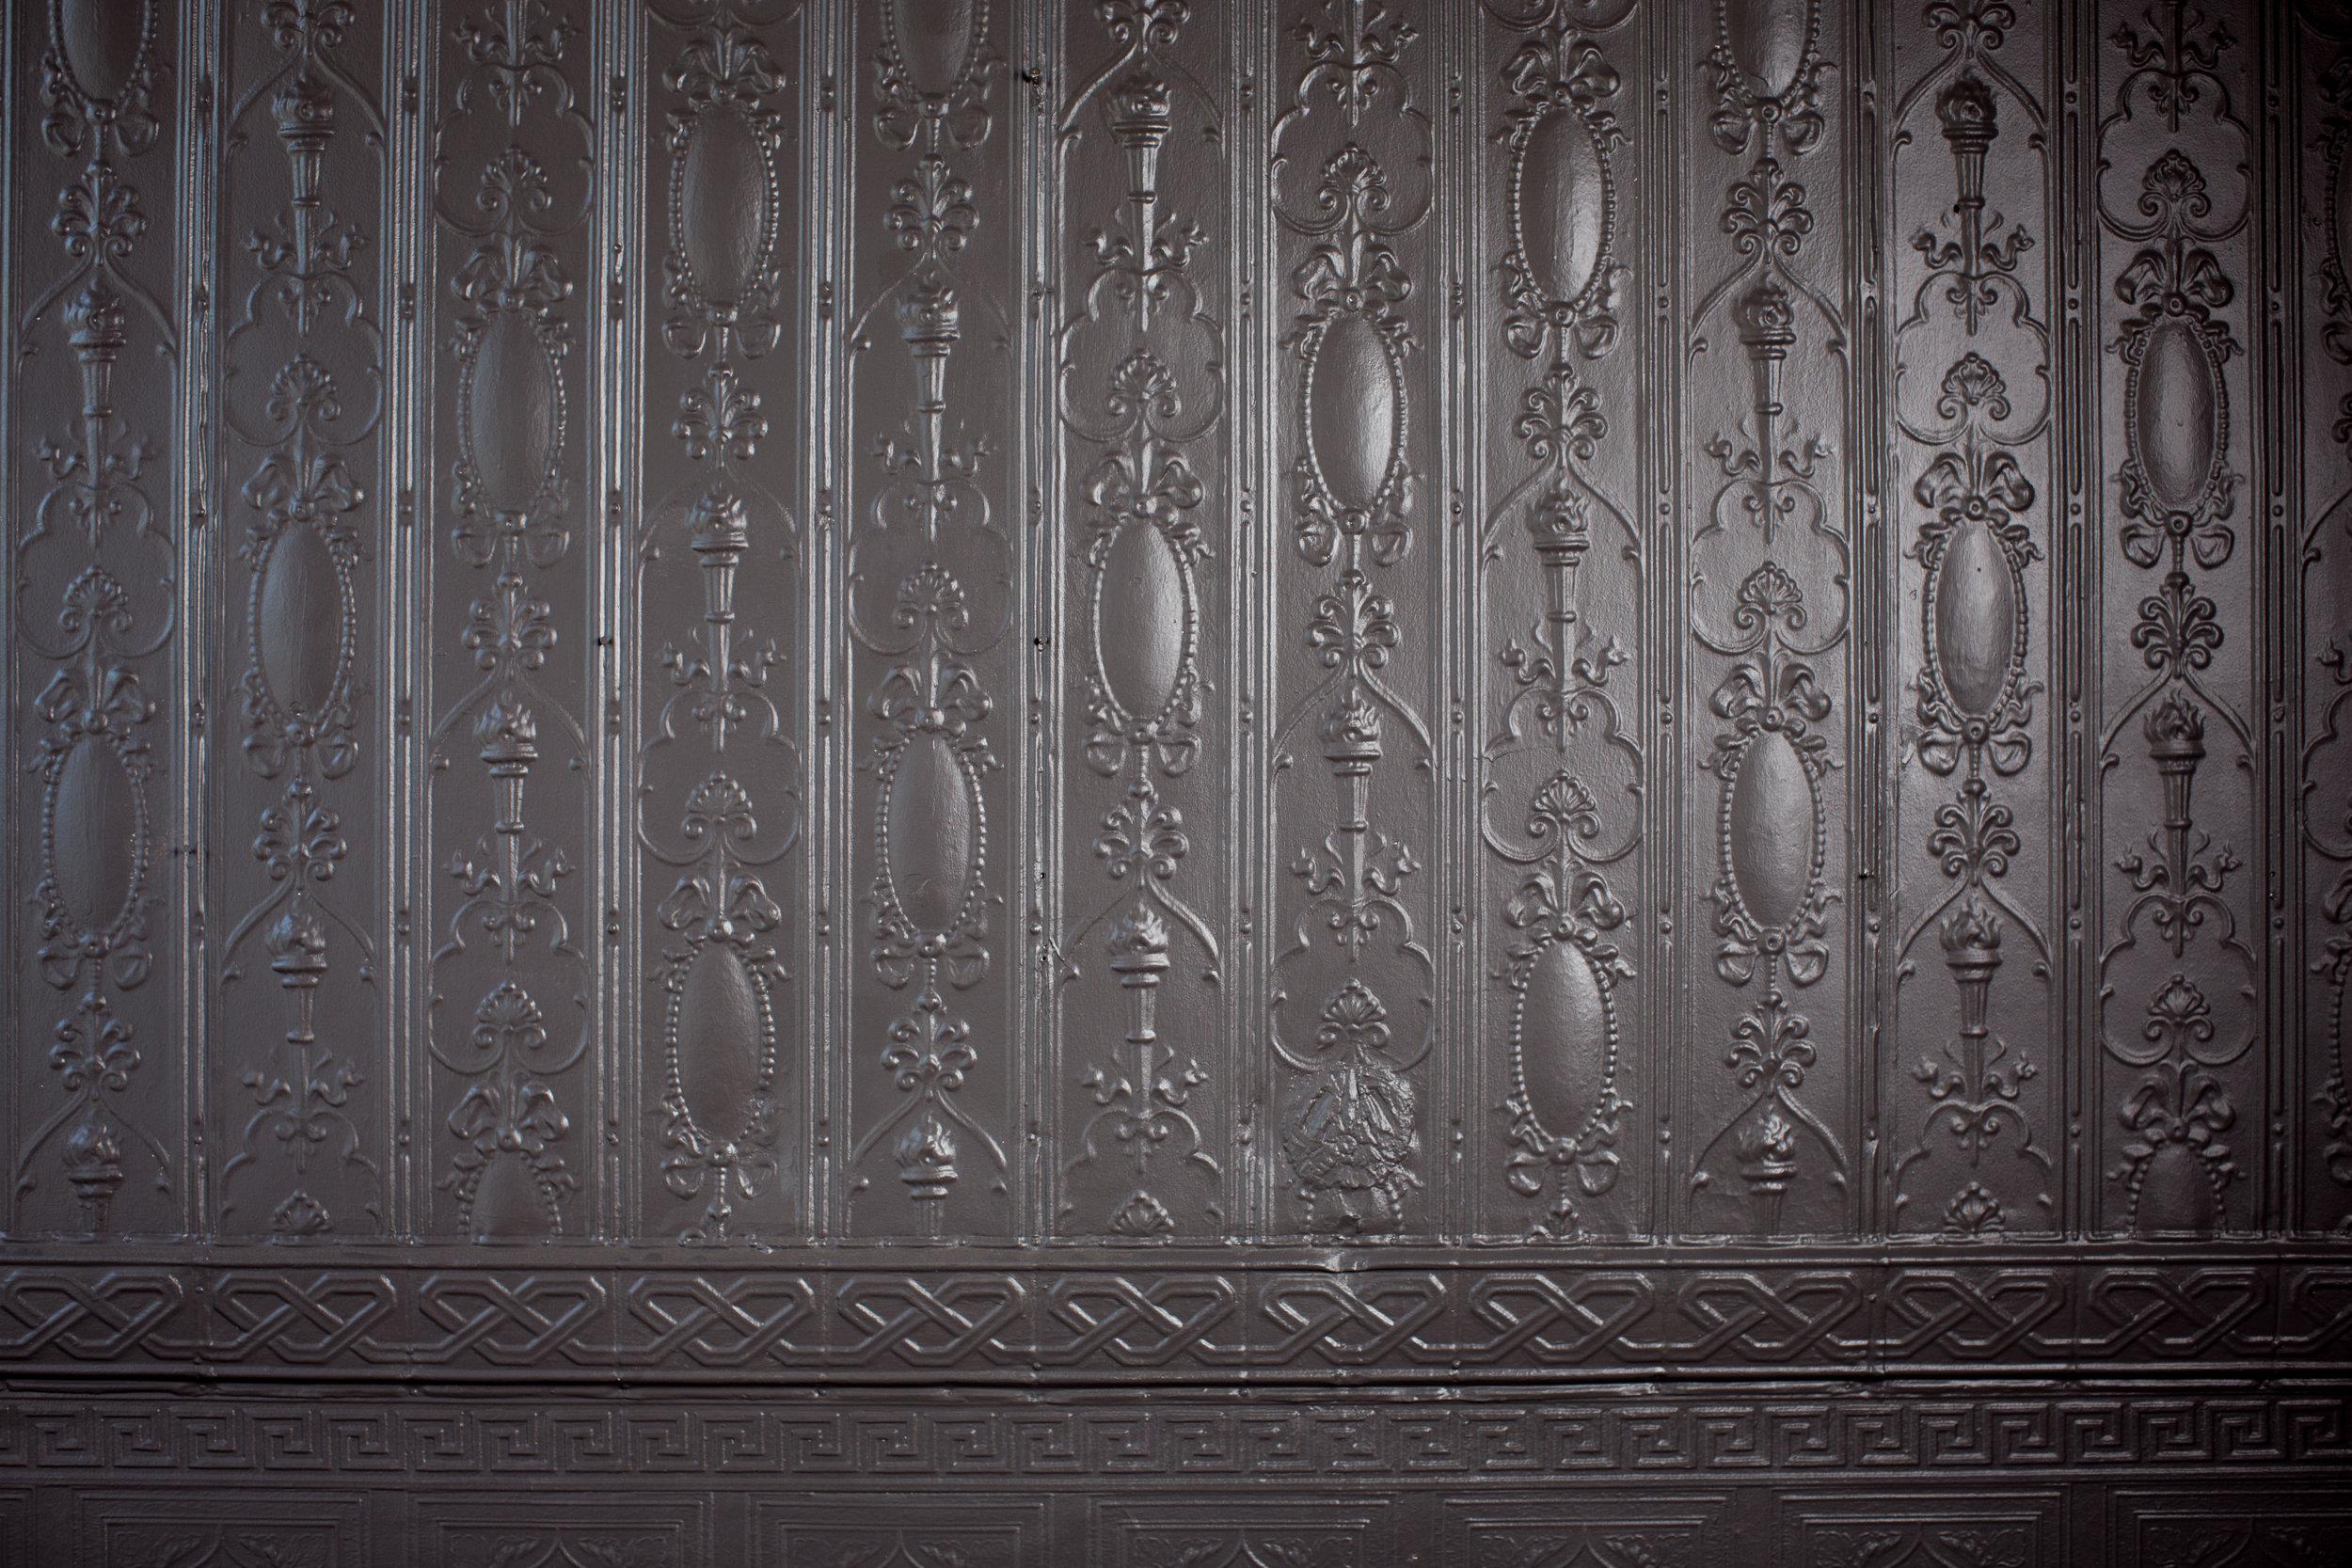 ORIGINAL TIN WALLS